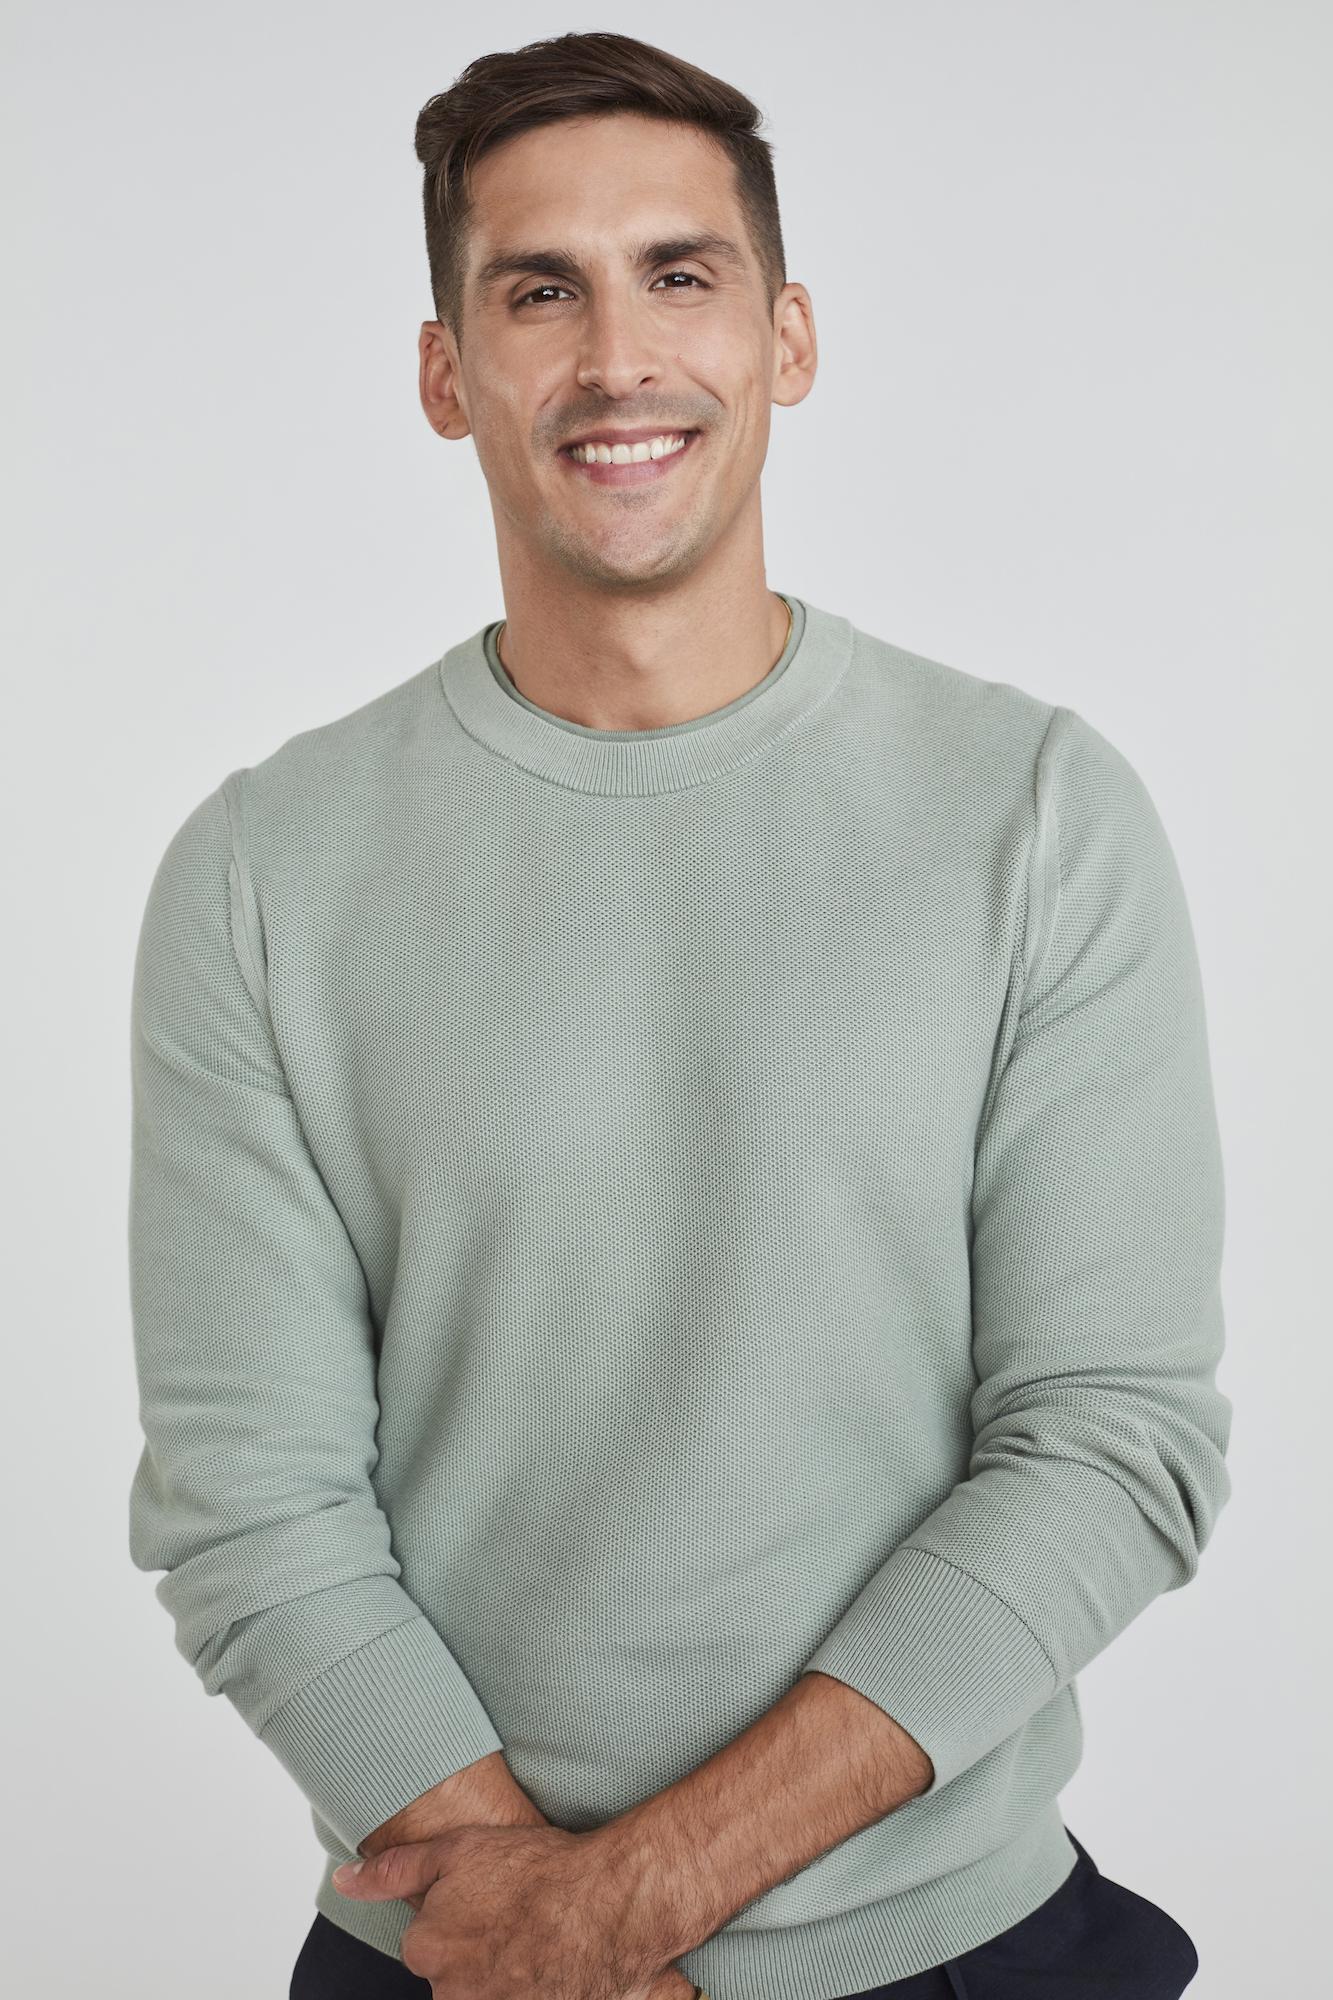 DWTS-Cast-Season-30-Cody-Rigsby.jpg